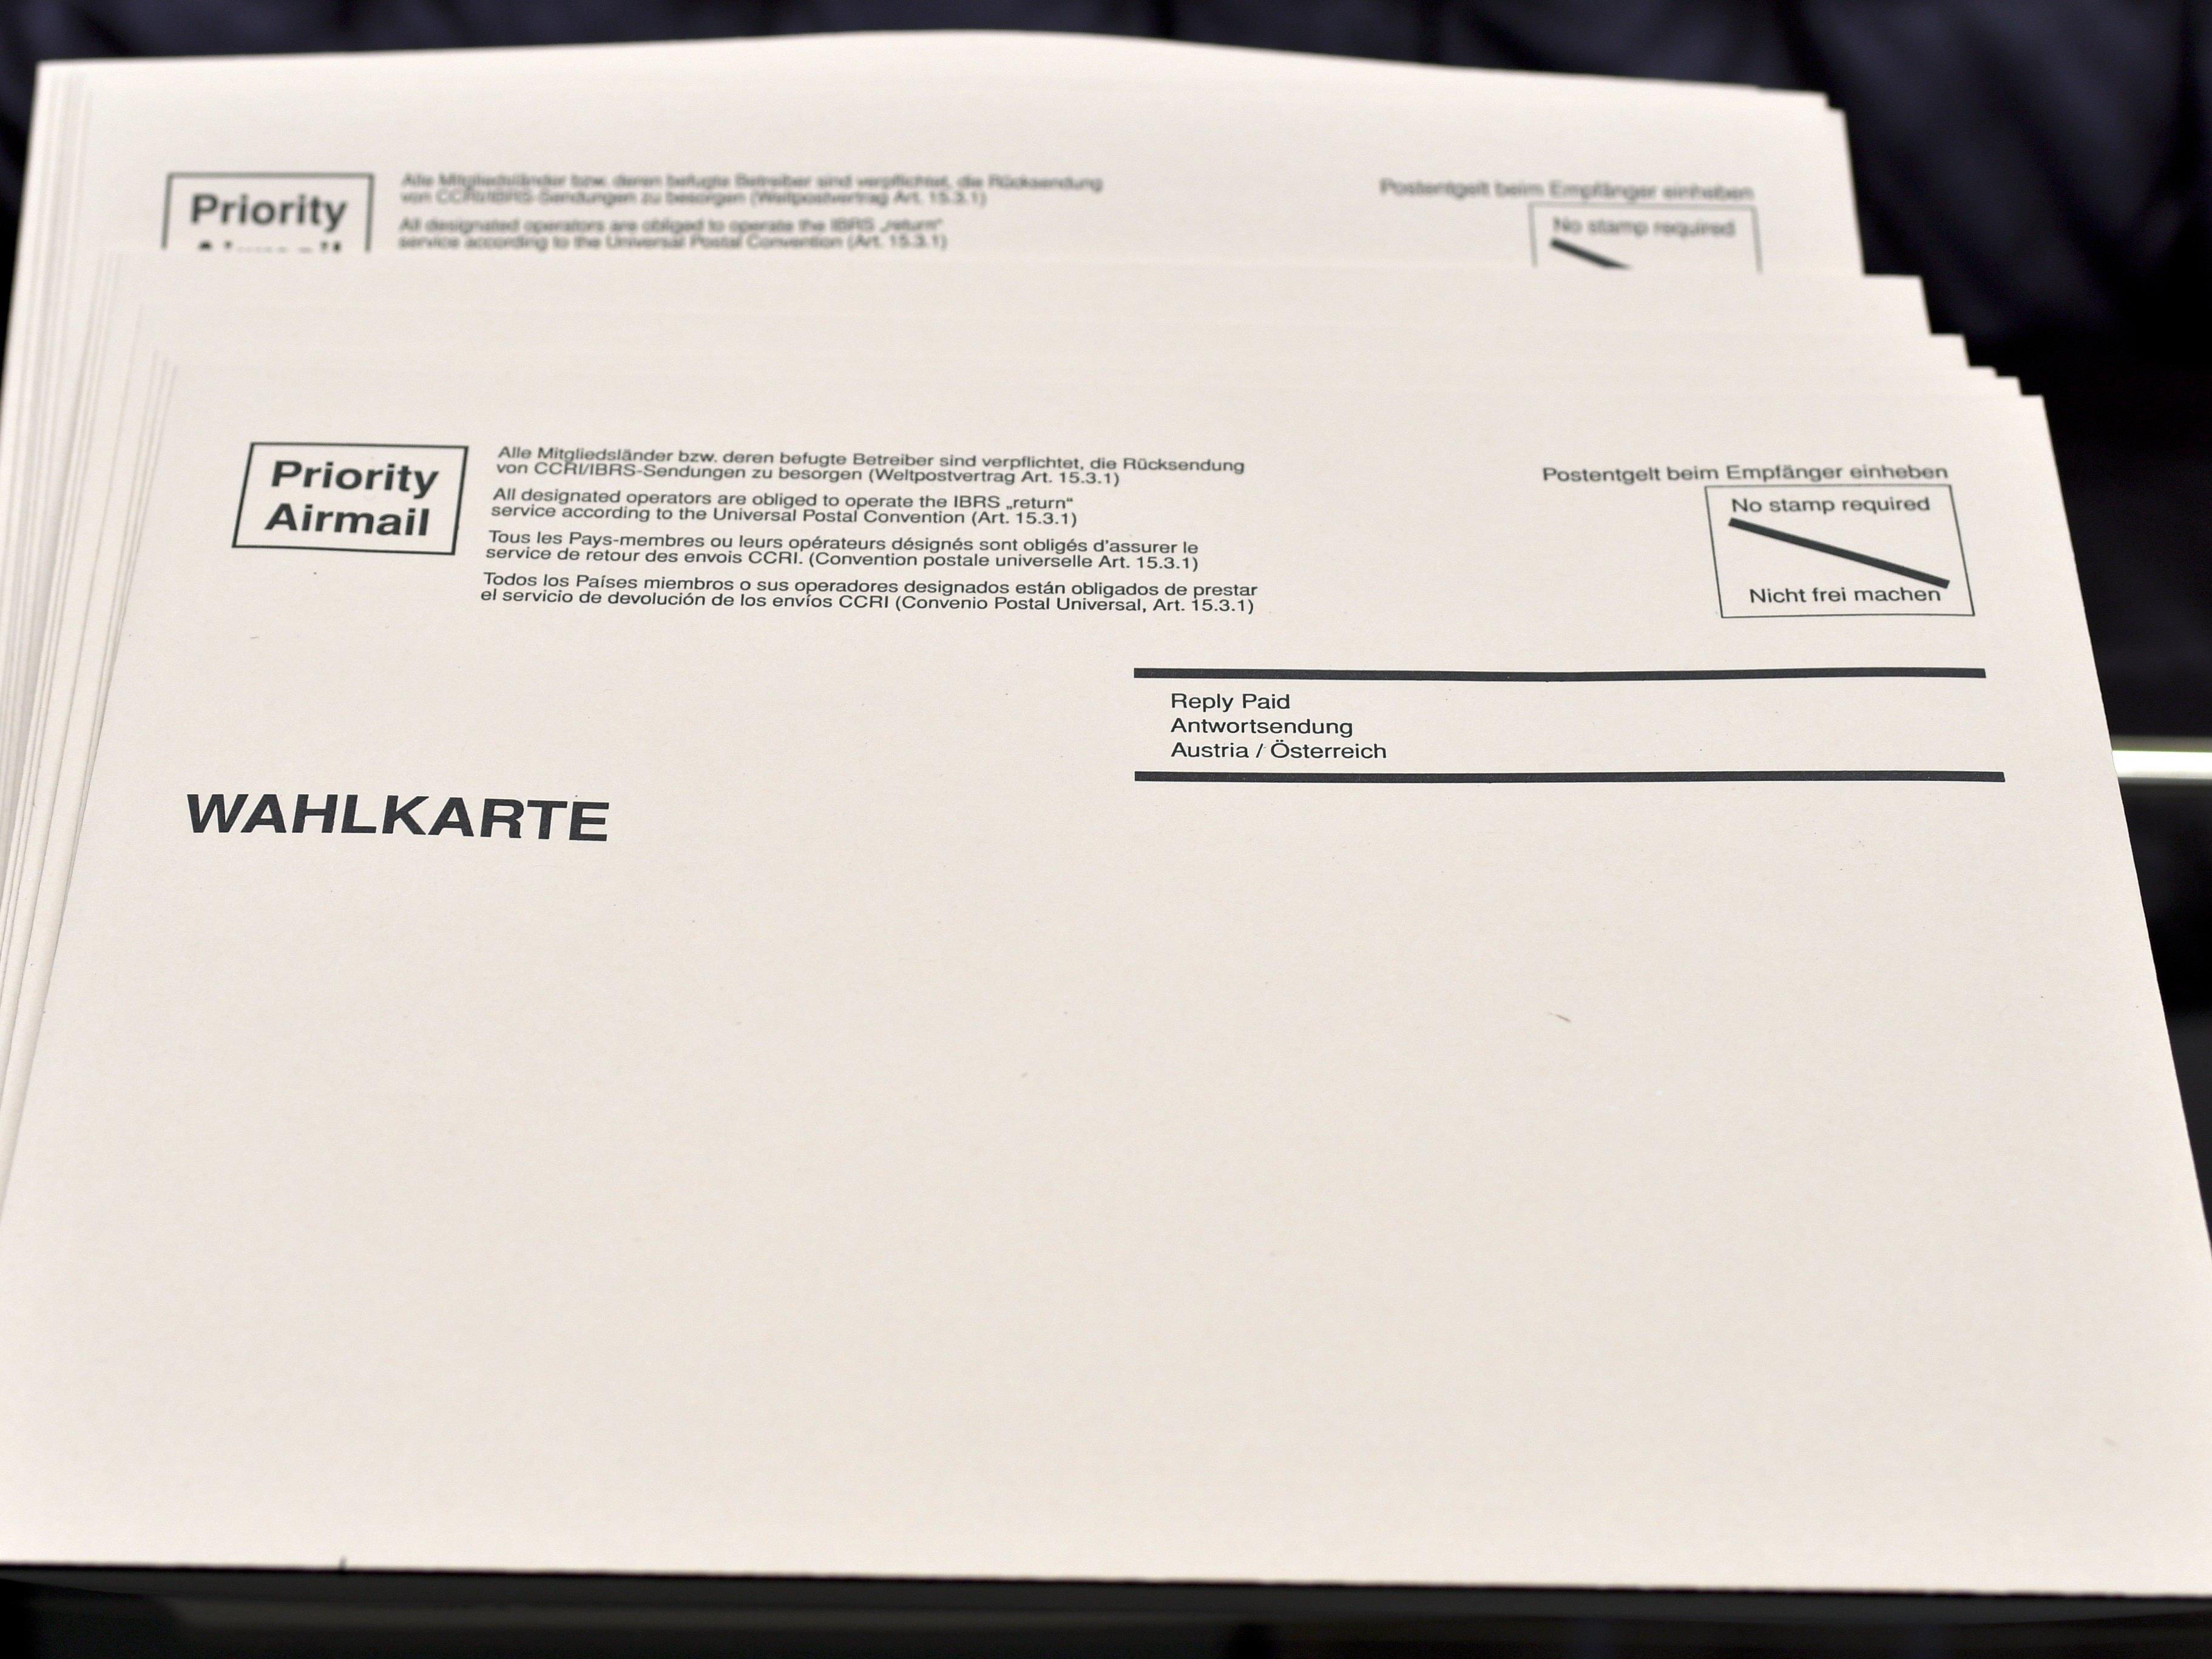 Die Stadt Linz stoppt die Aussendung von Wahlkarten